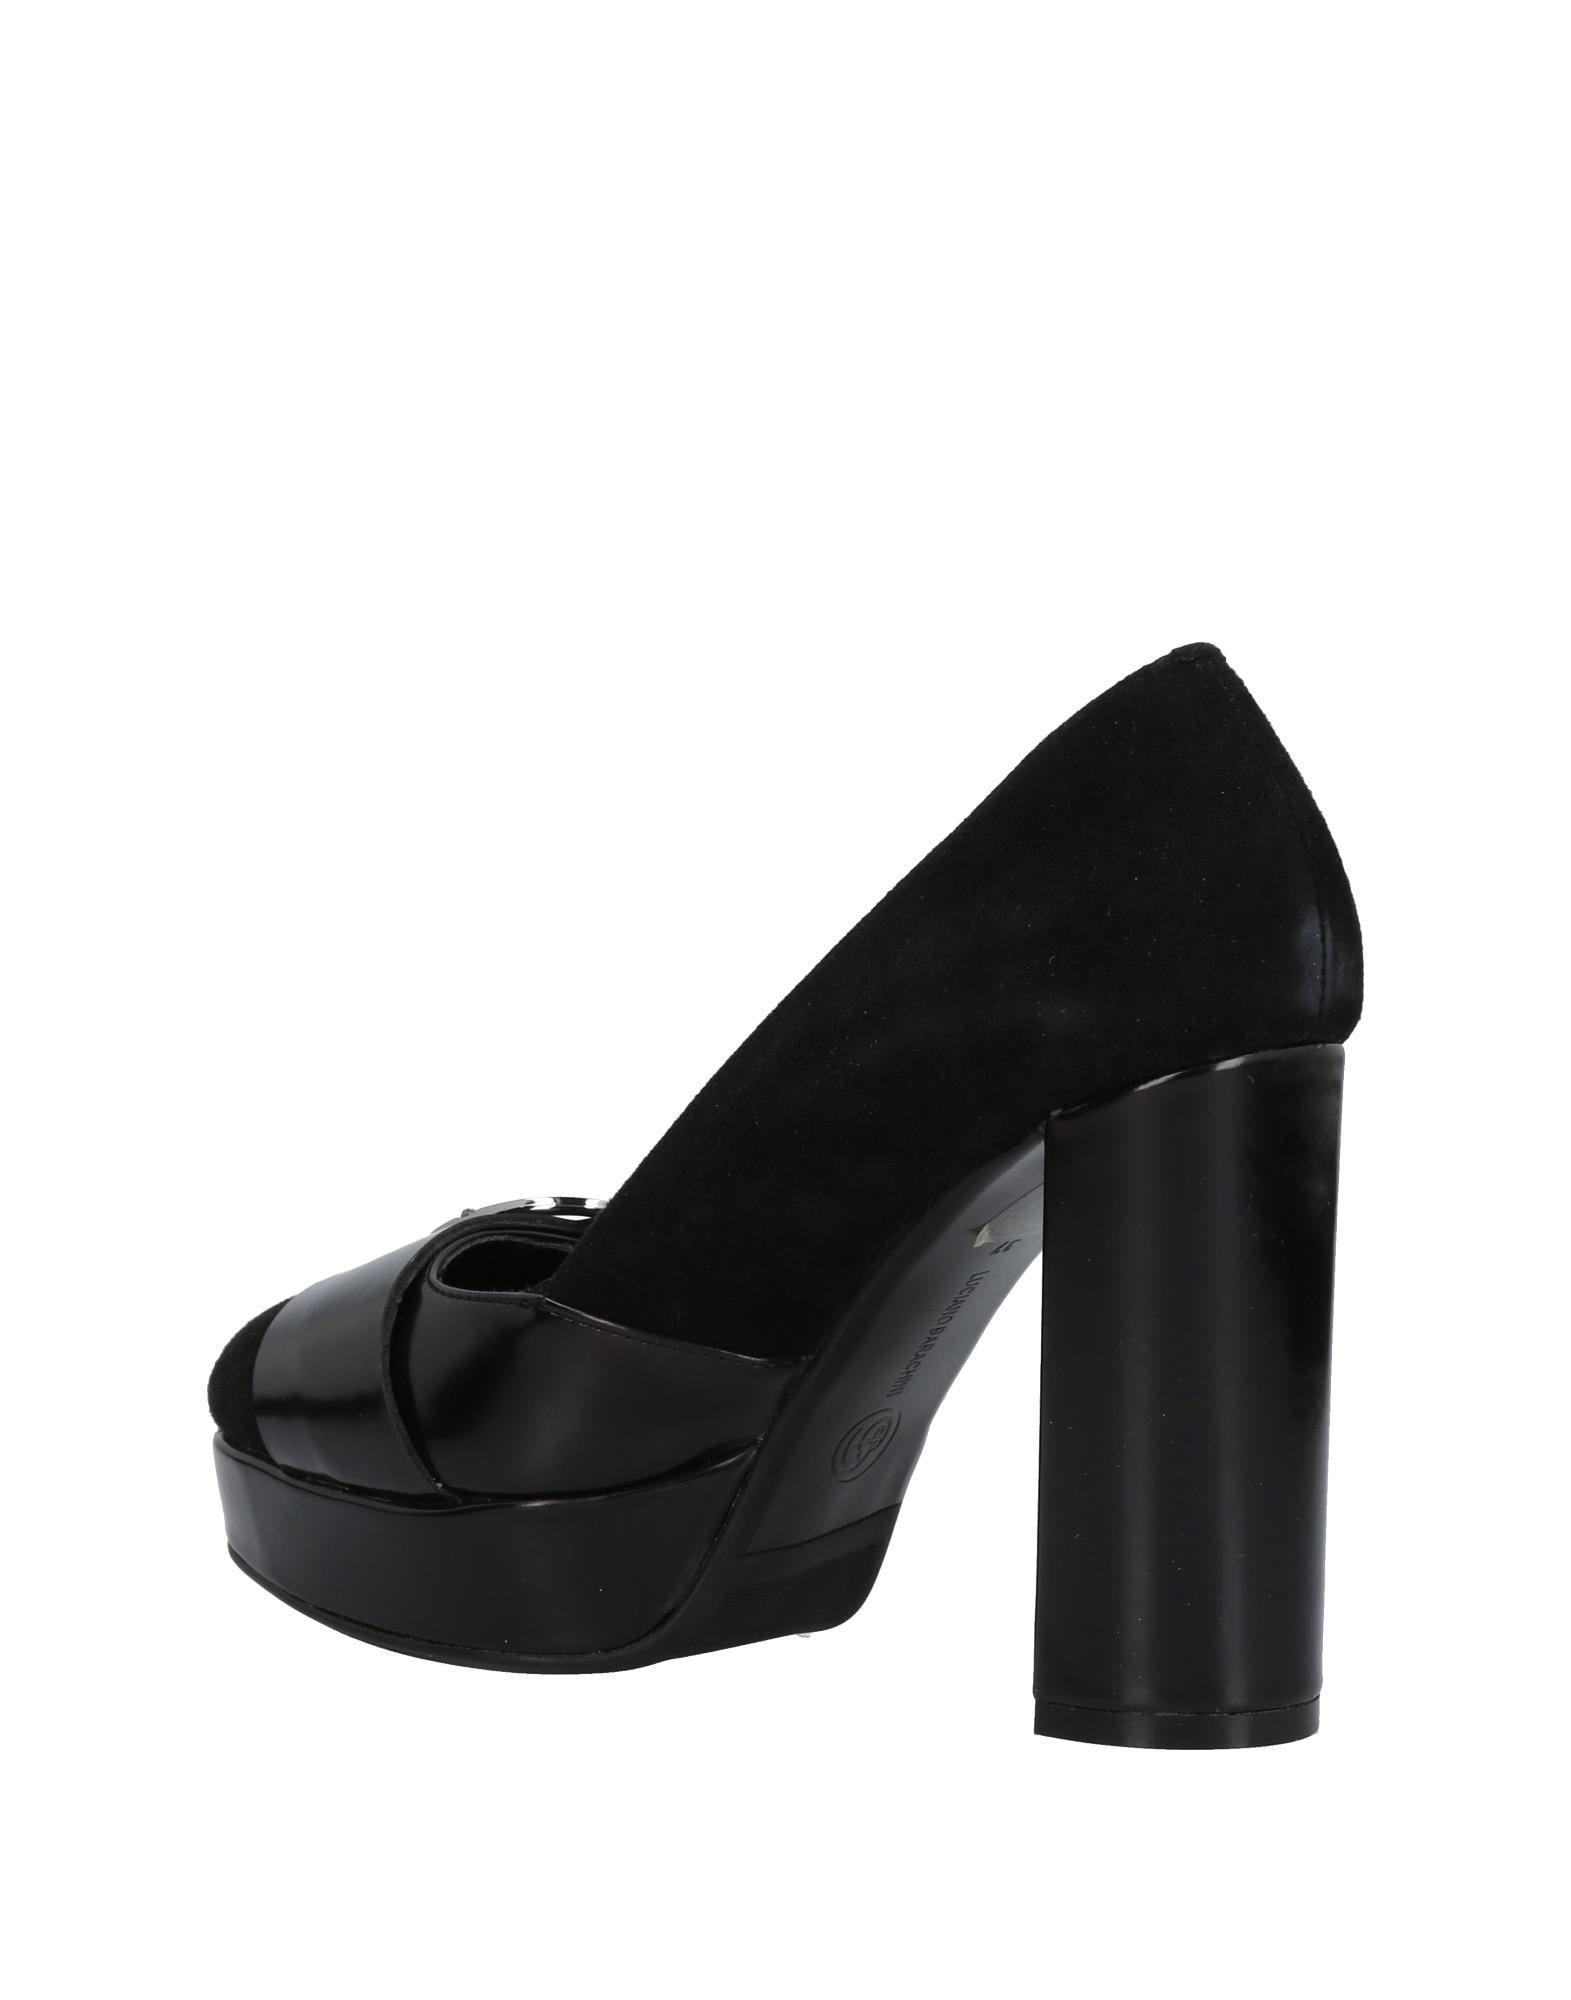 Luciano Barachini Gute Pumps Damen  11460482CP Gute Barachini Qualität beliebte Schuhe a2f5ac